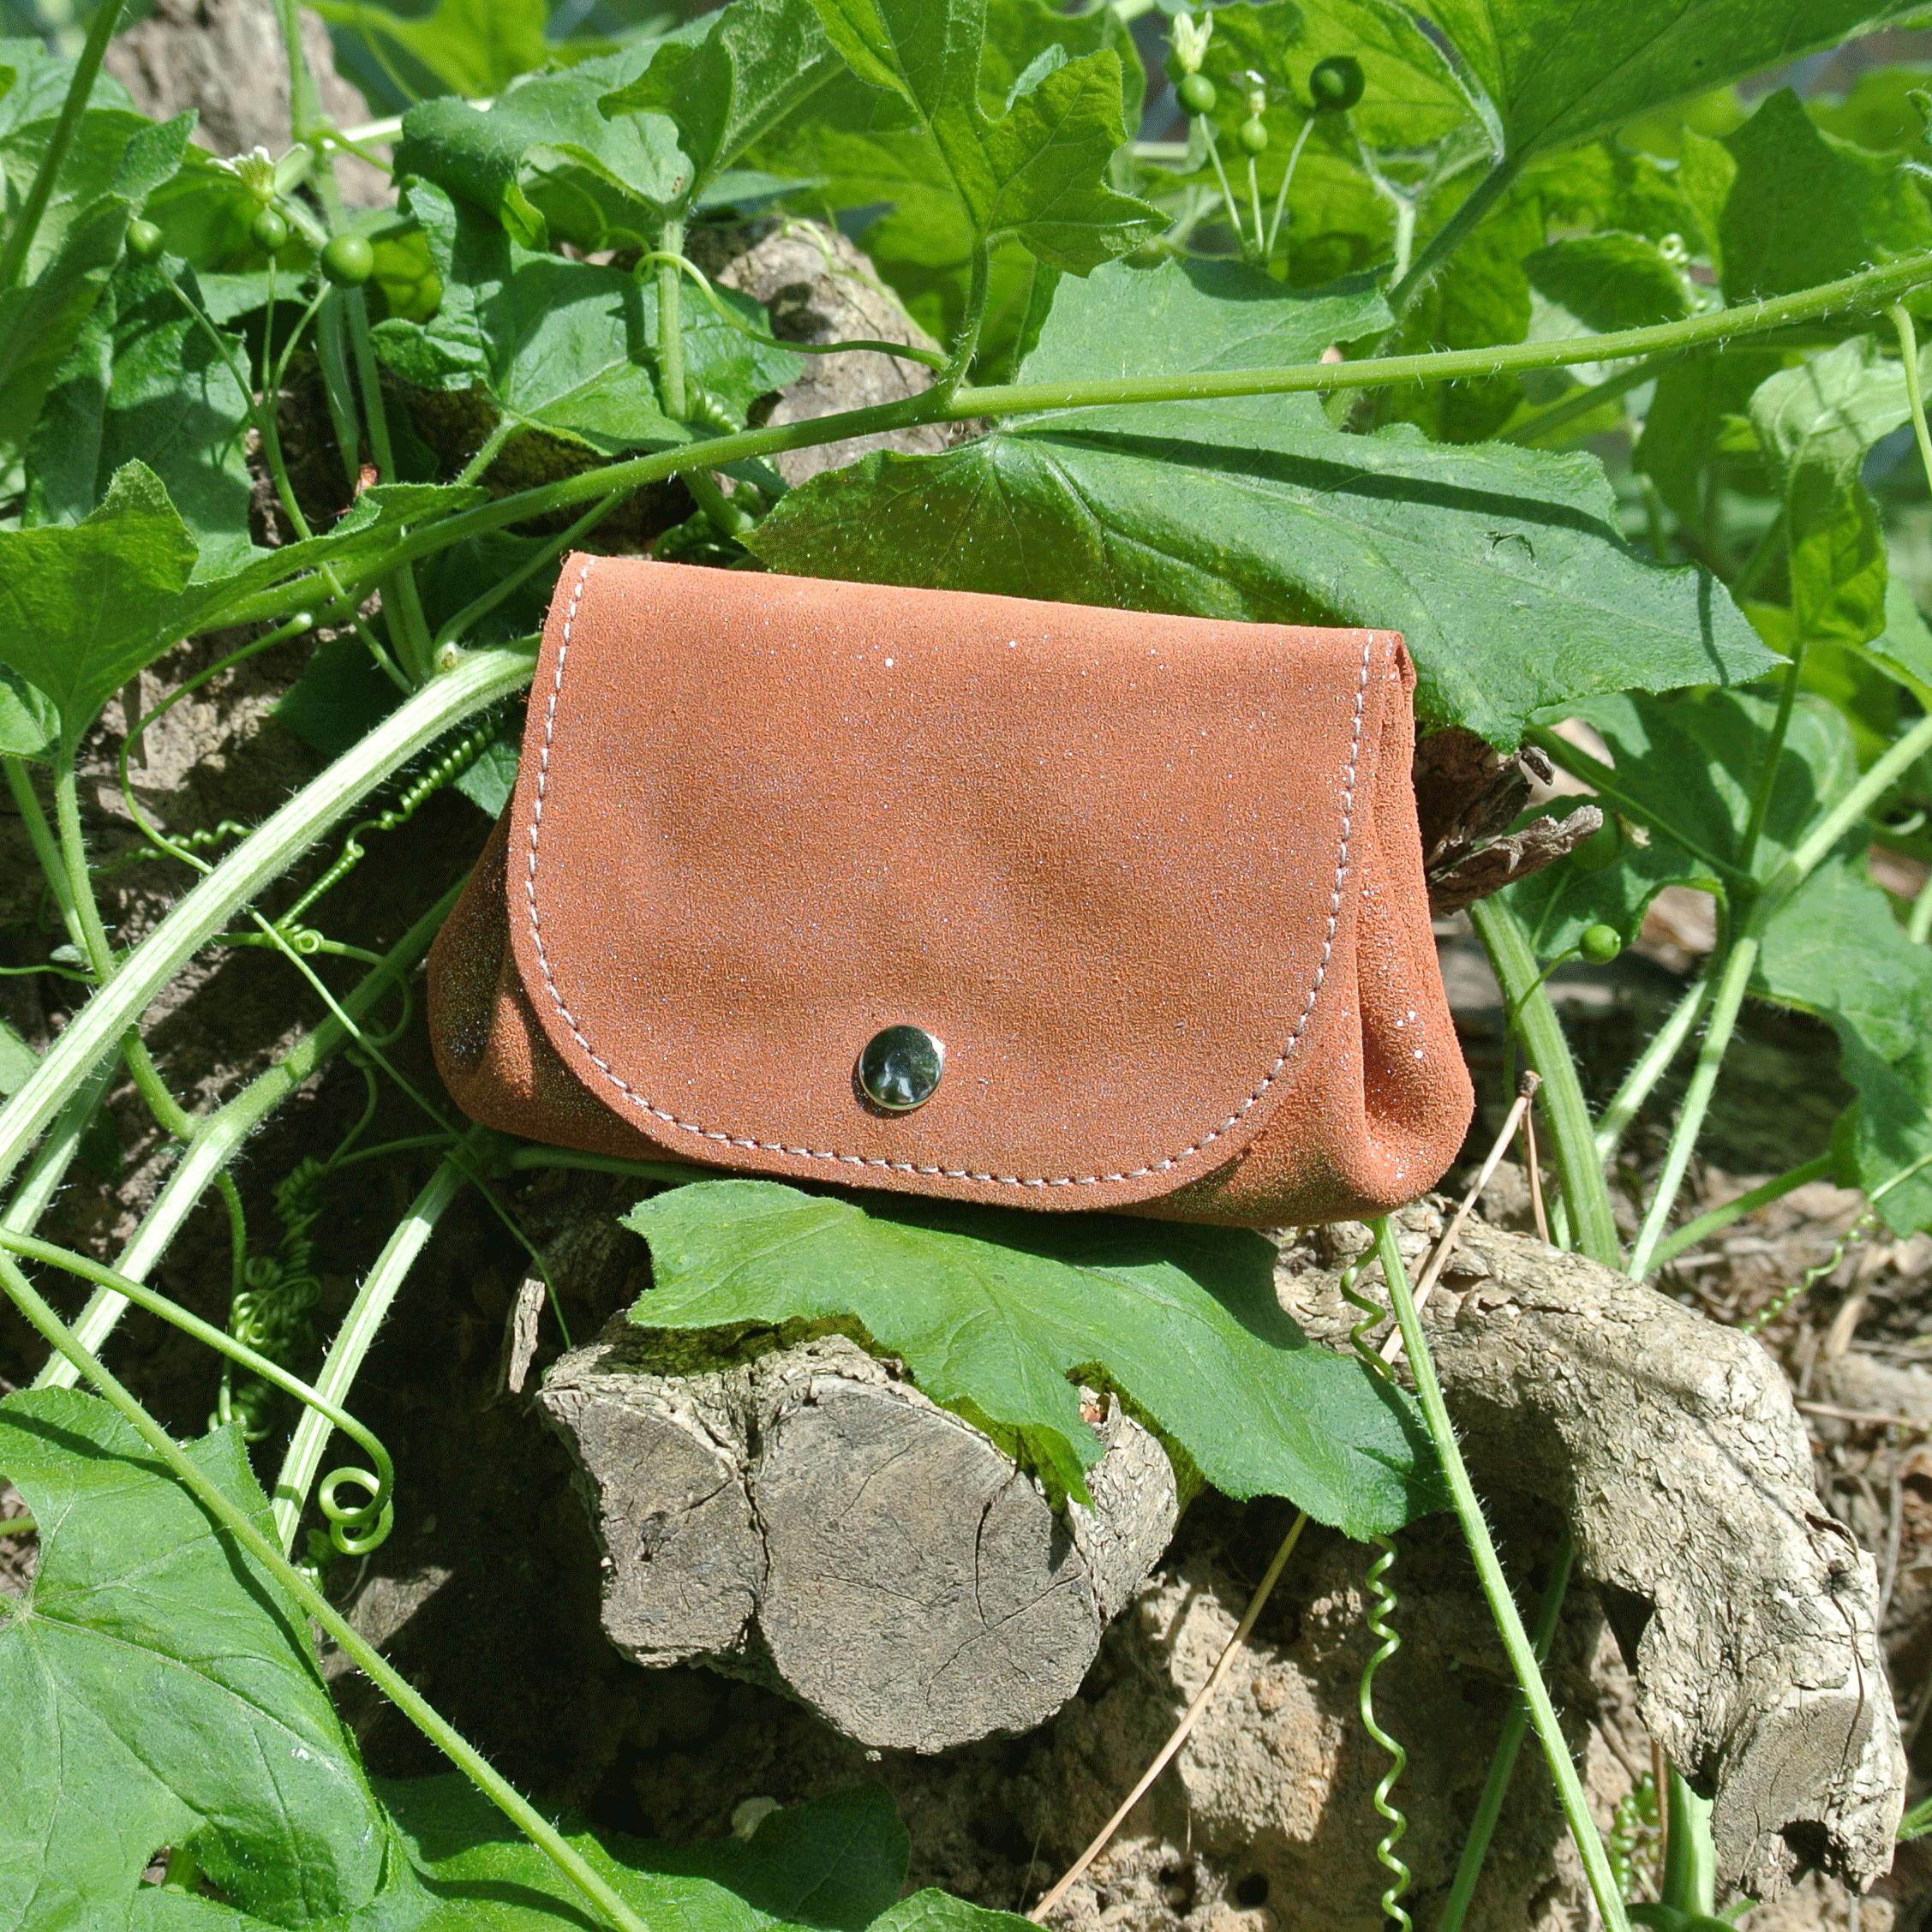 cuirs-fantaisies-la-cartabliere-fabrique-en-france-porte-monnaie-accordeon-en-cuir-paillete-citrouille